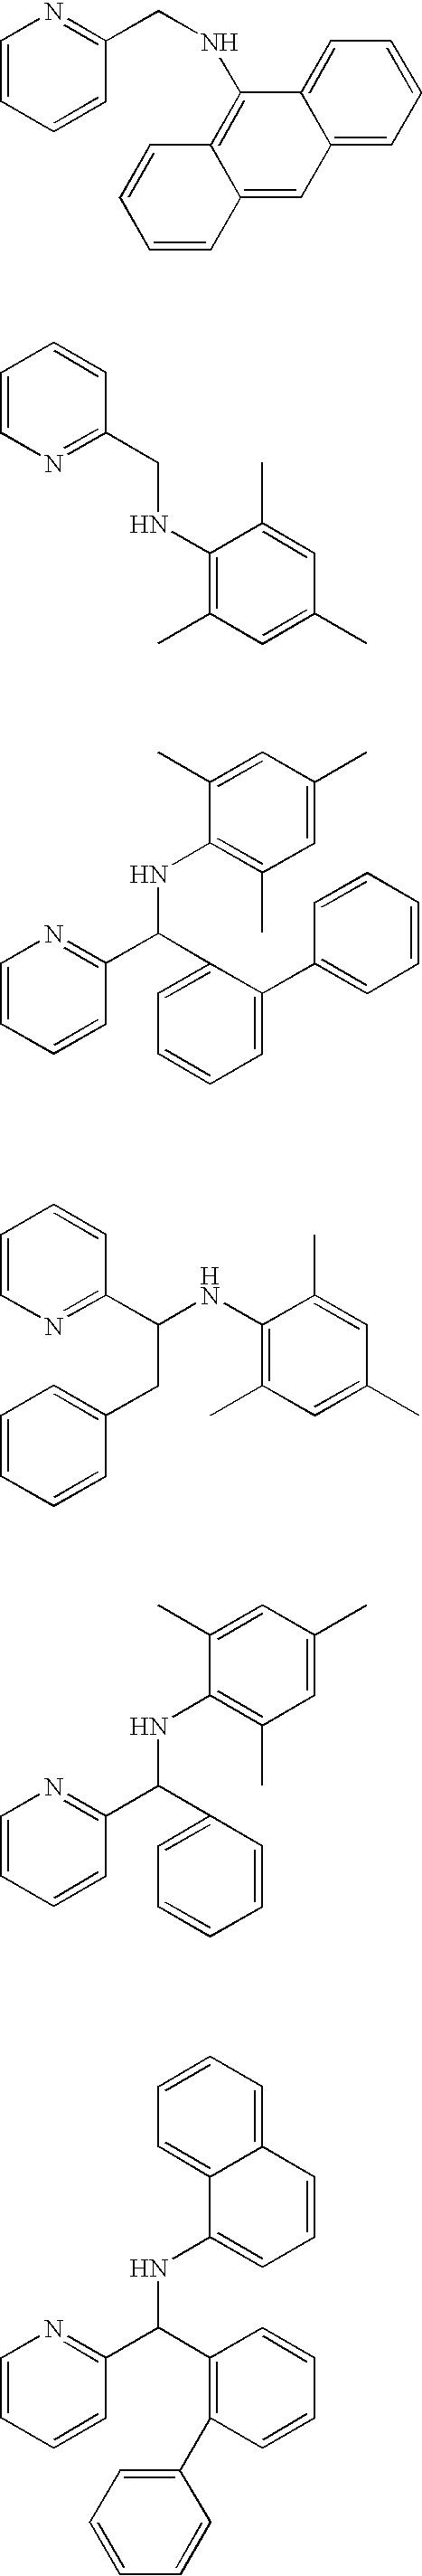 Figure US06900321-20050531-C00043